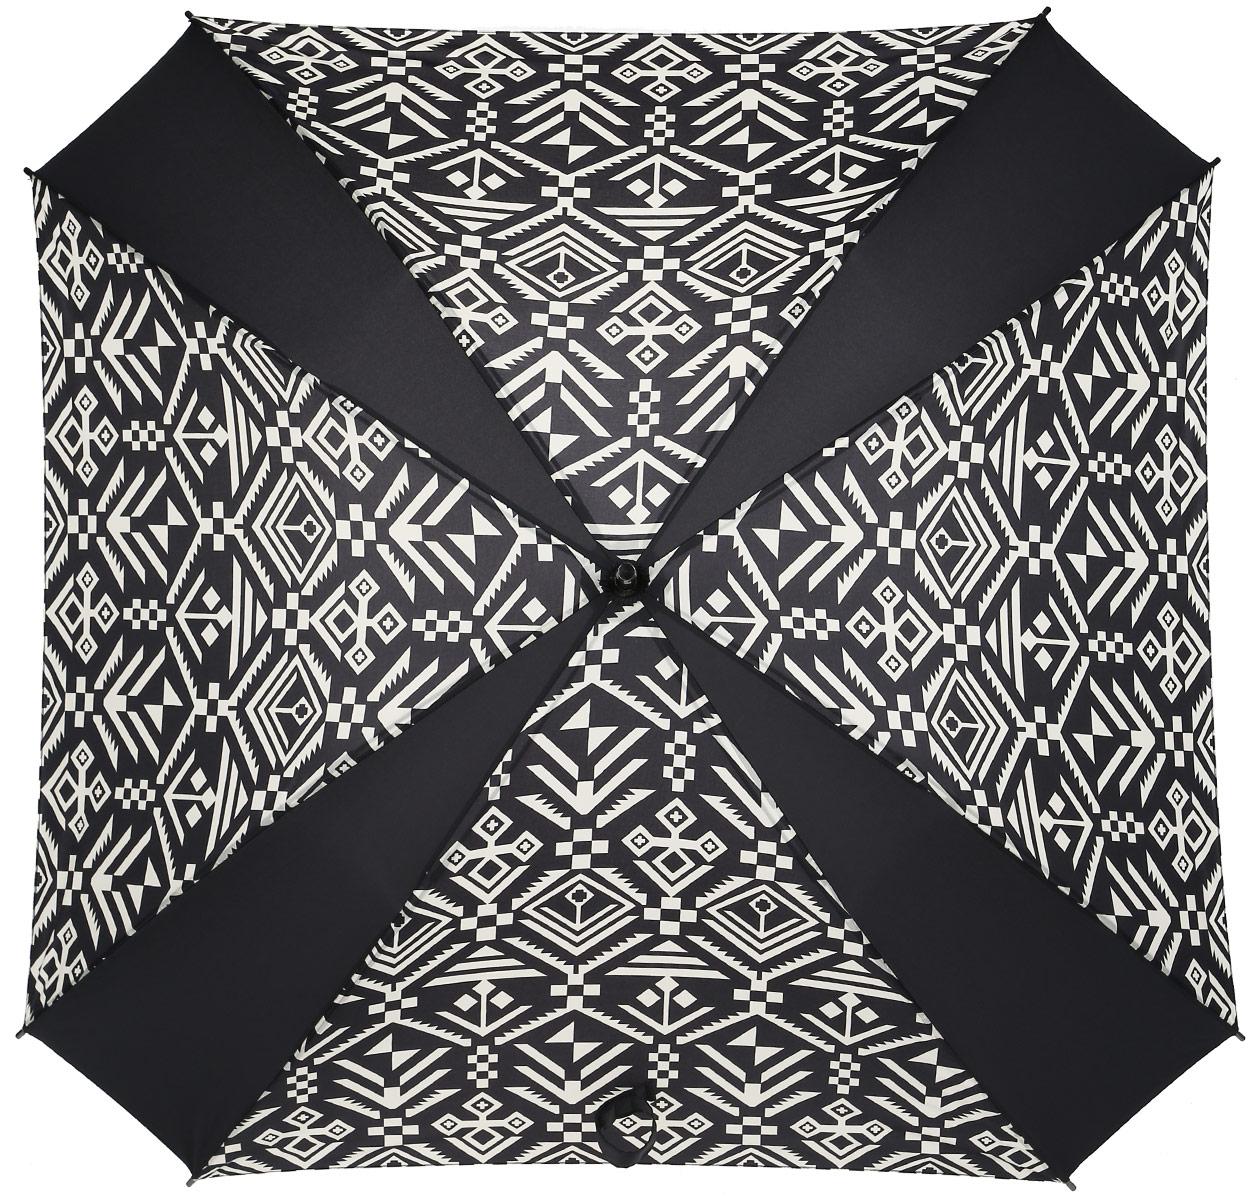 Зонт-трость Reisenthel, цвет: черный, белый. YM703445102176/33205/7900XНи снег, ни проливной дождь не страшны, когда с вами ваш надежный друг - красивый зонт-трость. А надежен он благодаря своей инновационной форме в виде октагона - фигуры с 8 углами. У зонта гибкие спицы со специальными пружинами, которые не сломаются. При сильном ветре зонт просто вывернется наизнанку. А вот острый наконечник и ручка, которая позволяет повесить зонт - самые что ни на есть классические, удобные и красивые. Чтобы просушить его, просто оставьте открытым (пожалуйста, не сворачивайте зонт, пока он мокрый).